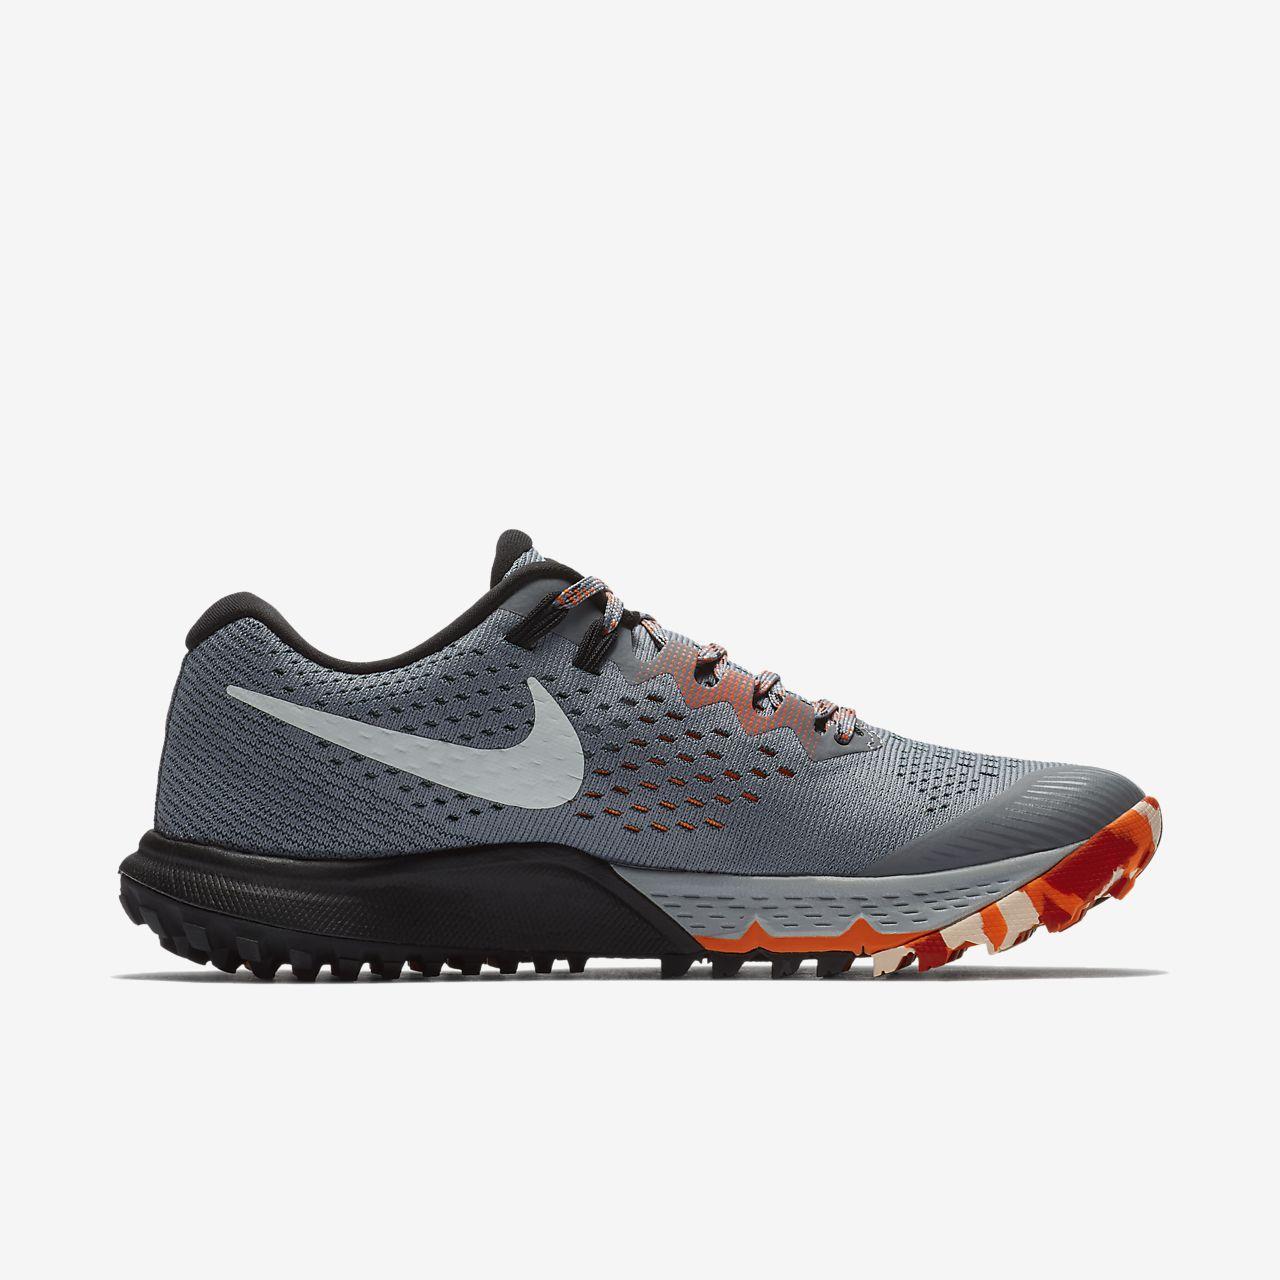 ... Nike Air Zoom Terra Kiger 4 Zapatillas de running - Mujer